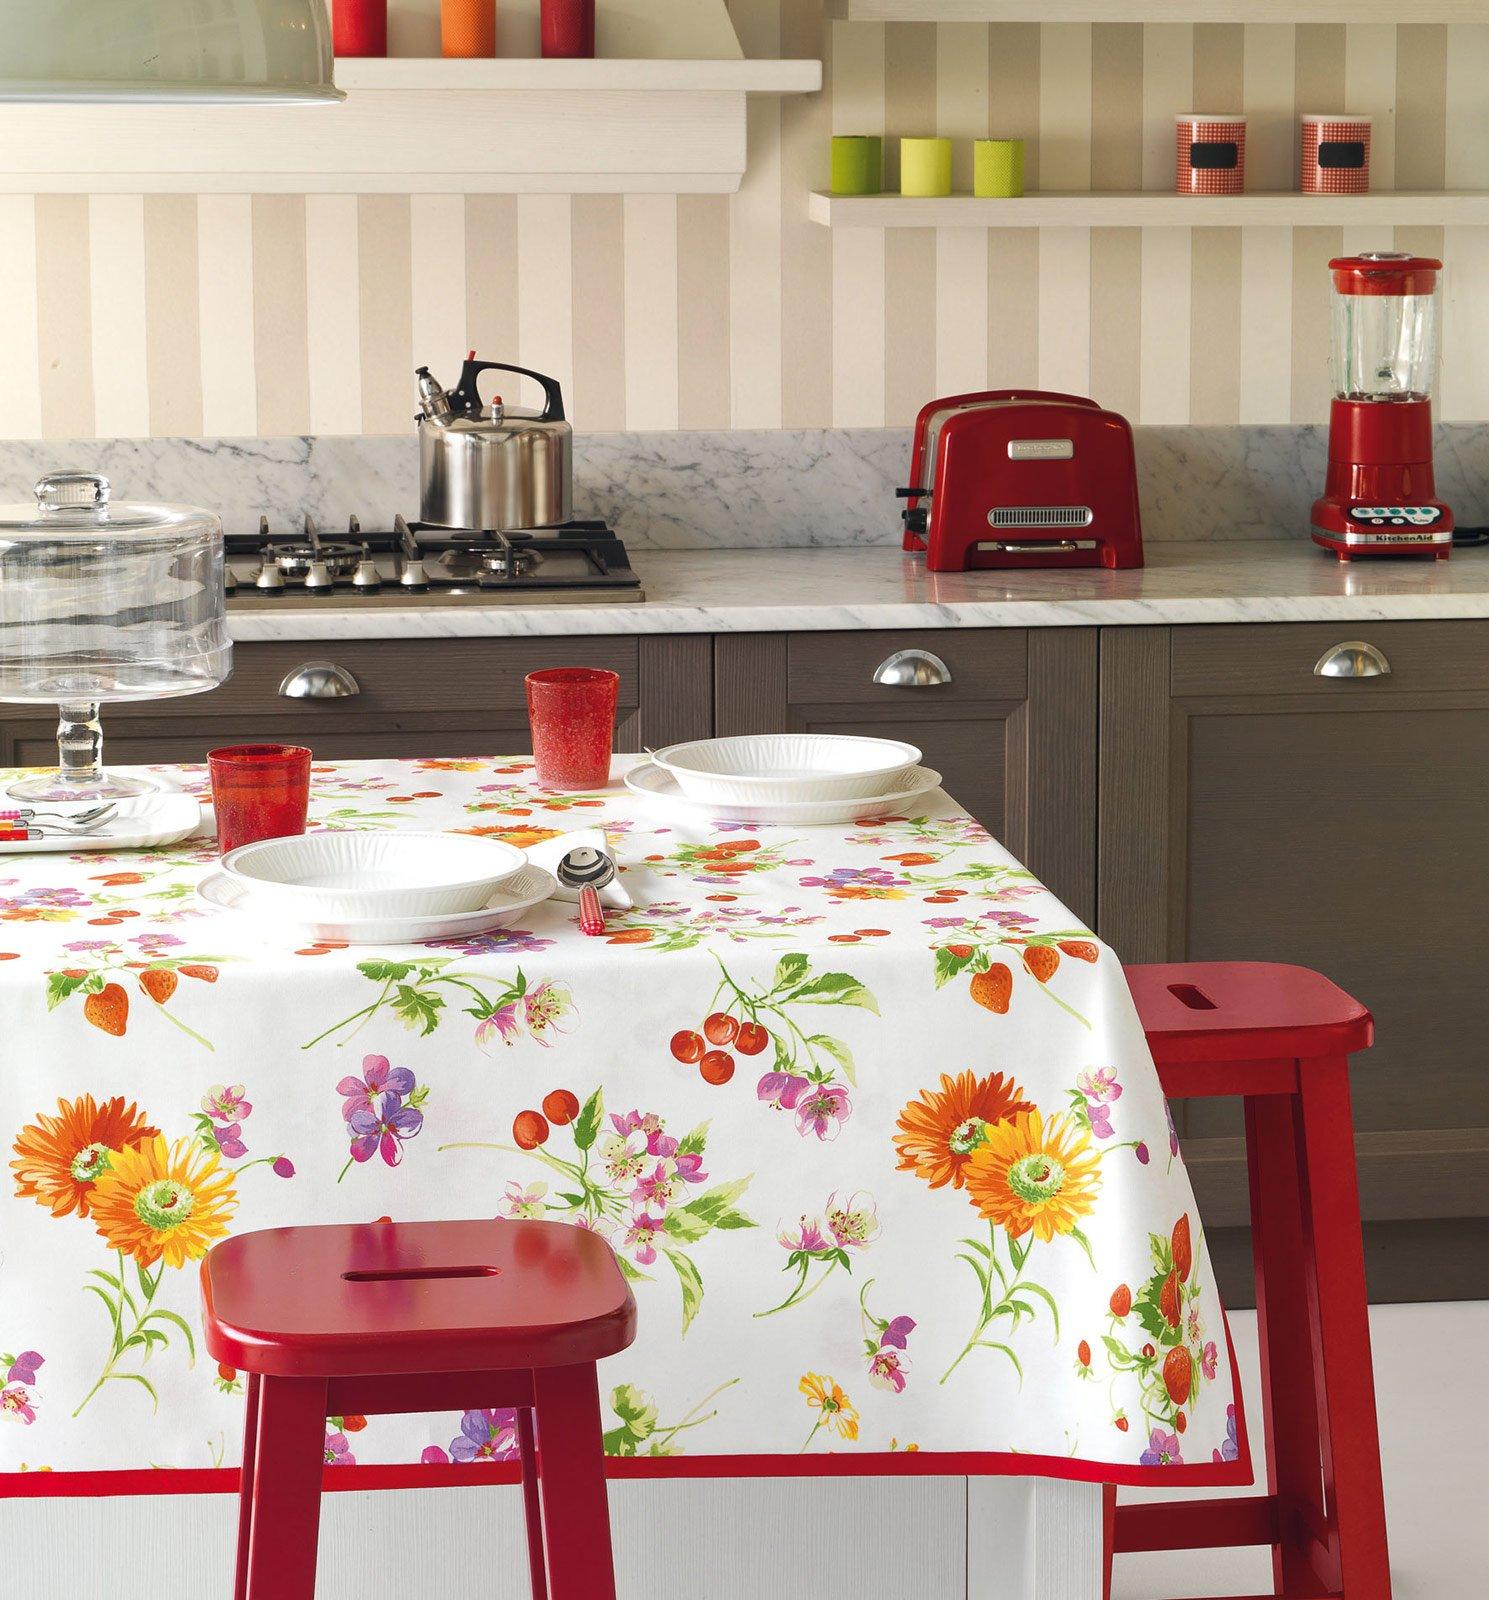 Tovaglie per apparecchiare con fantasia in cucina o in - Stoffe per tovaglie da tavola ...